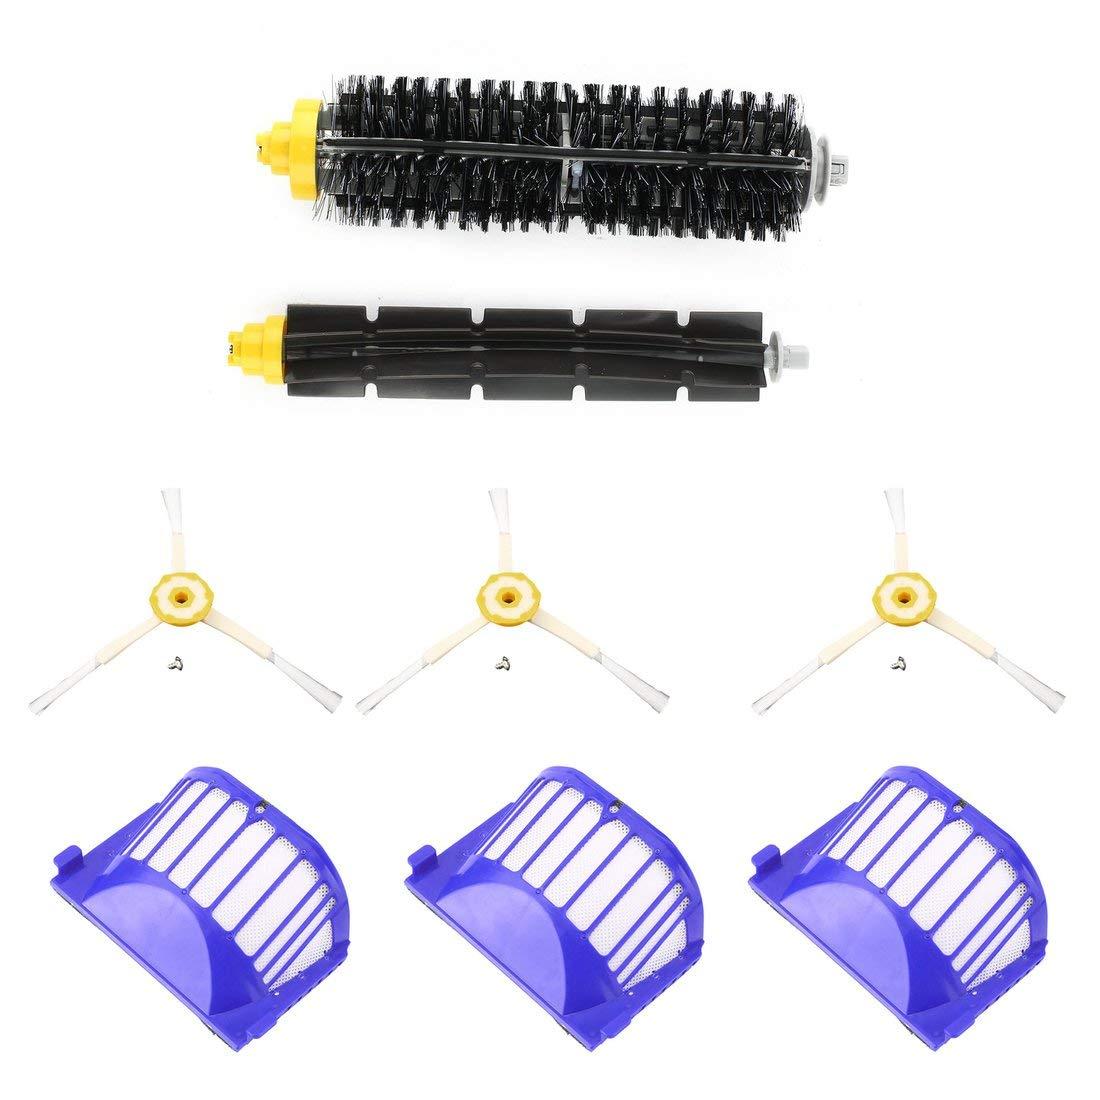 Spazzola di ricambio per robot di pulizia 3 pezzi Spazzola di ricambio per filtri detergente 3 pezzi Set di spazzole di ricambio per Roomba 620 630 650 660 Formulaone